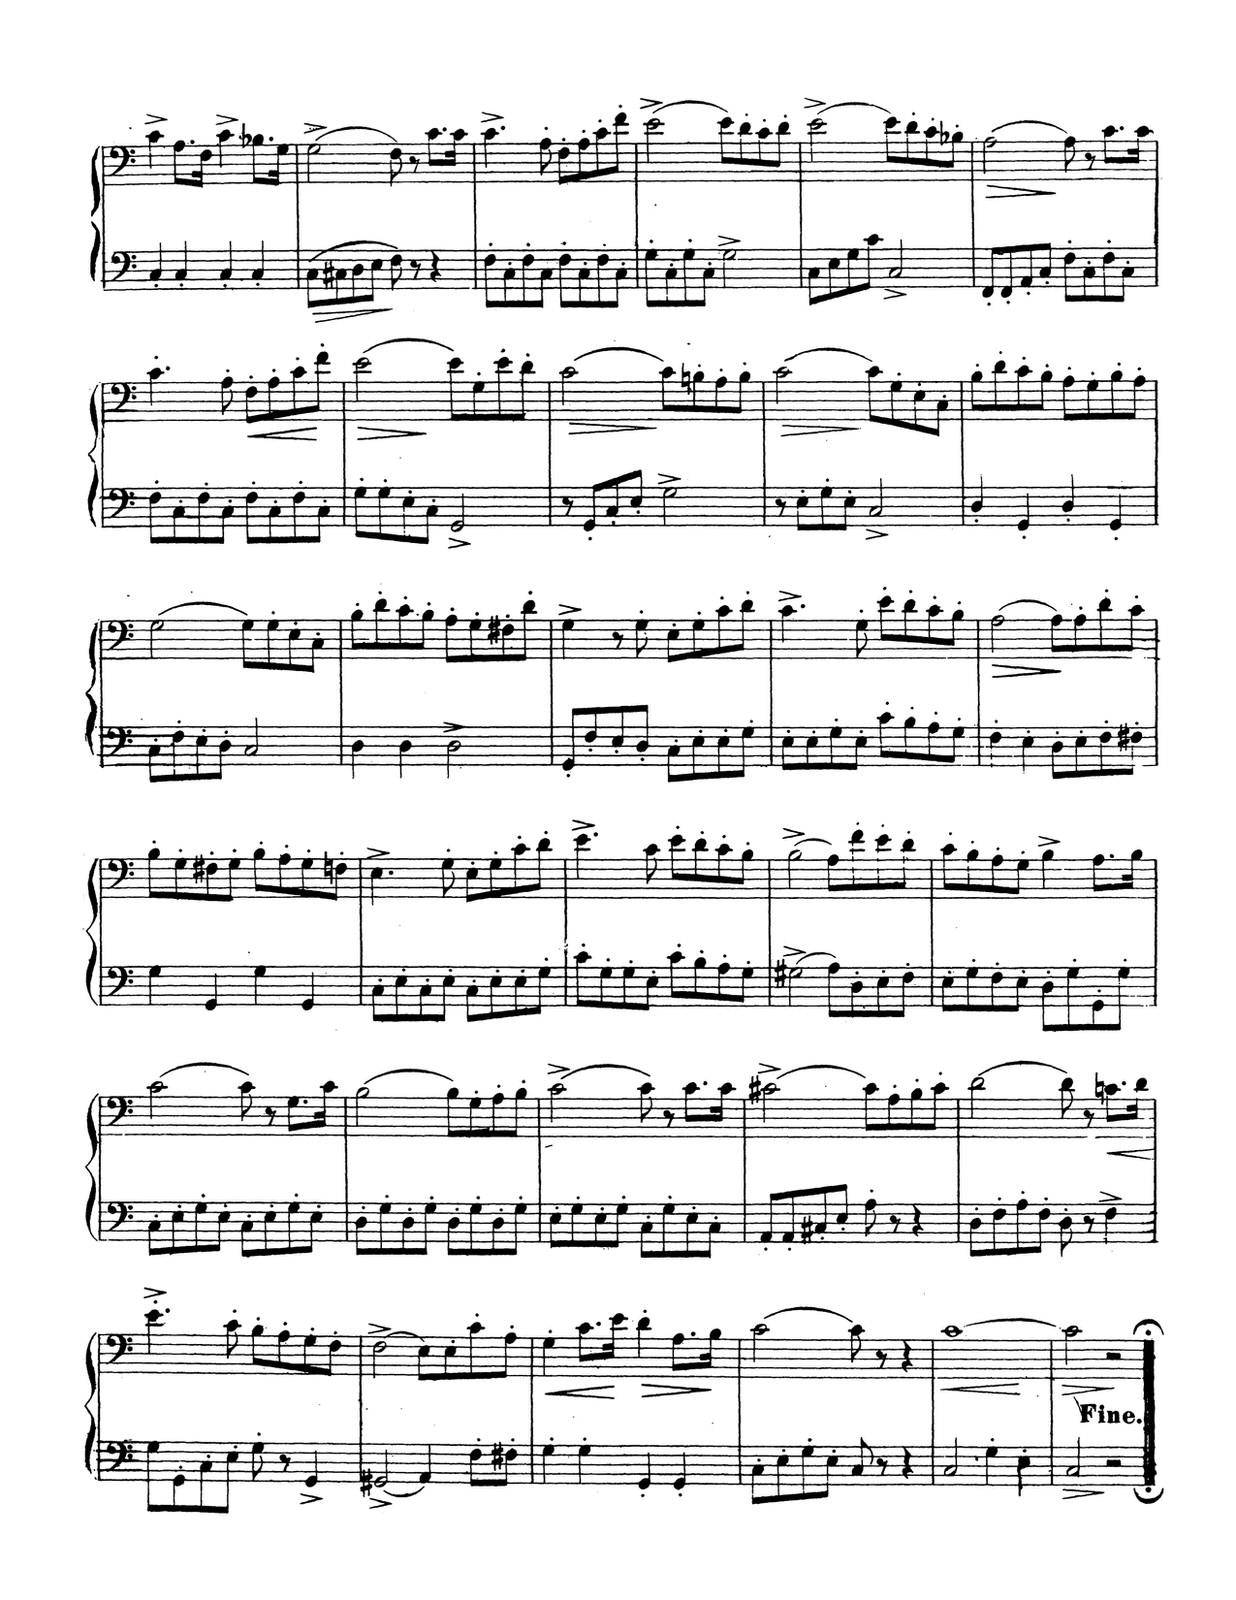 Bleger, 12 Concert Duets for Trombone 3